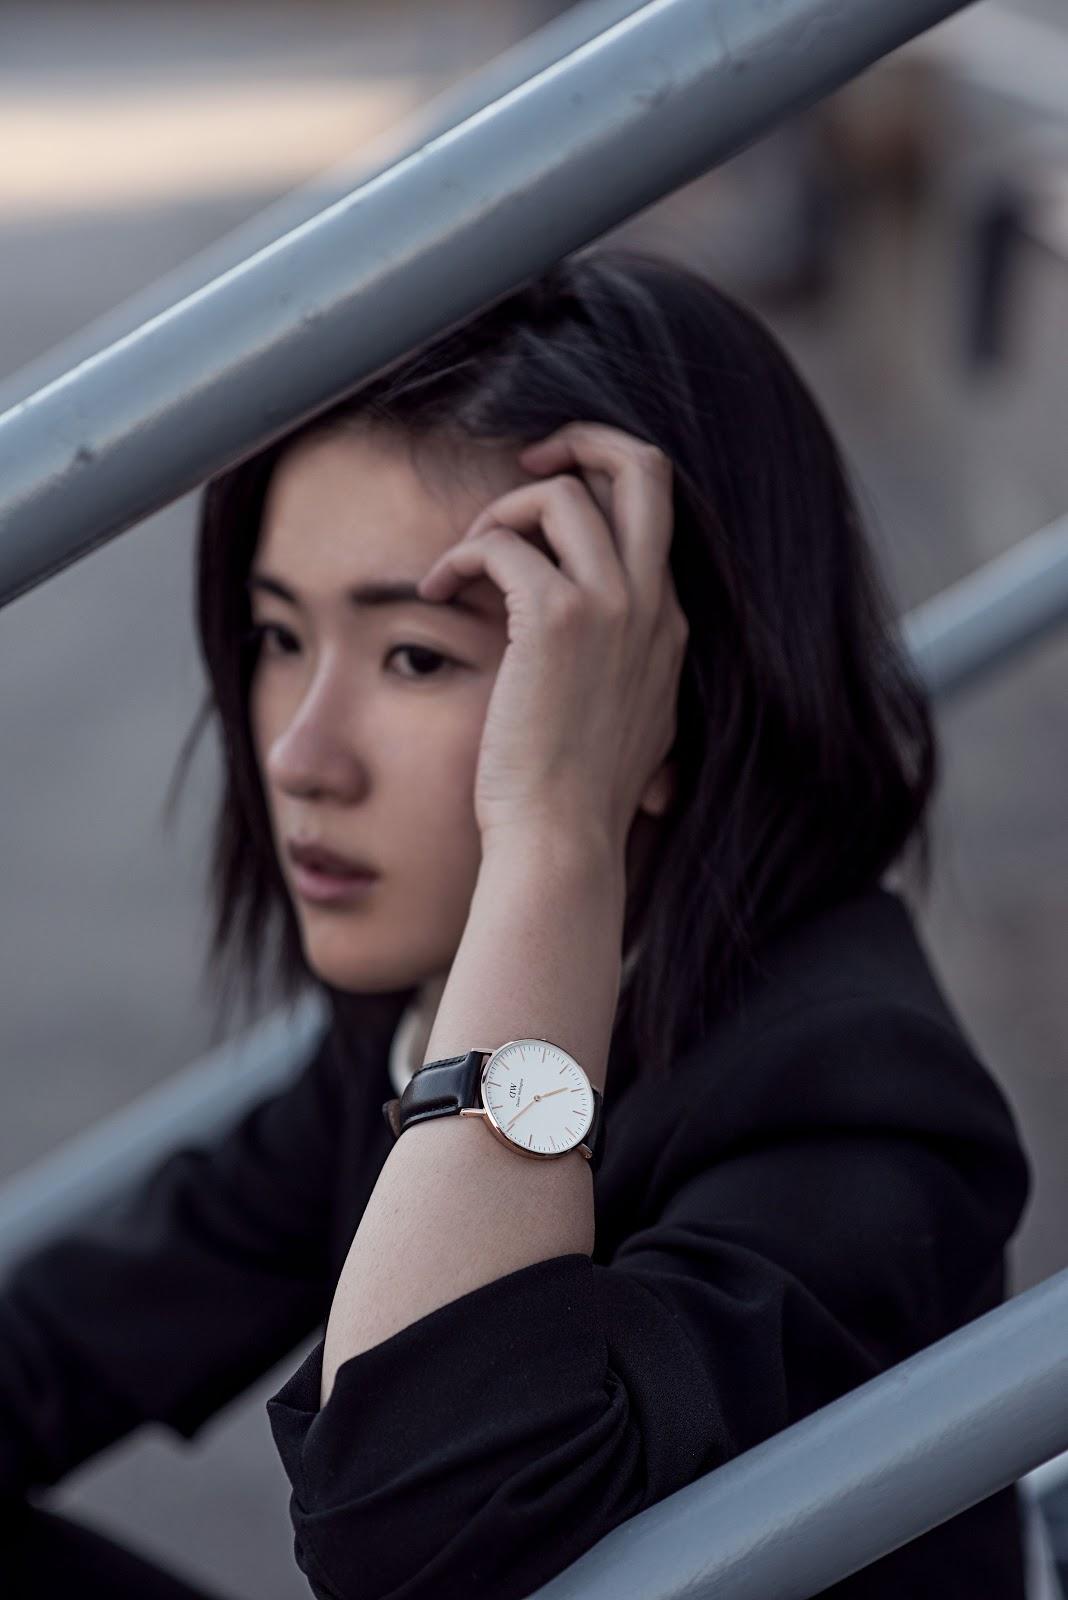 von vogue daniel wellington watch zara tibi crop top